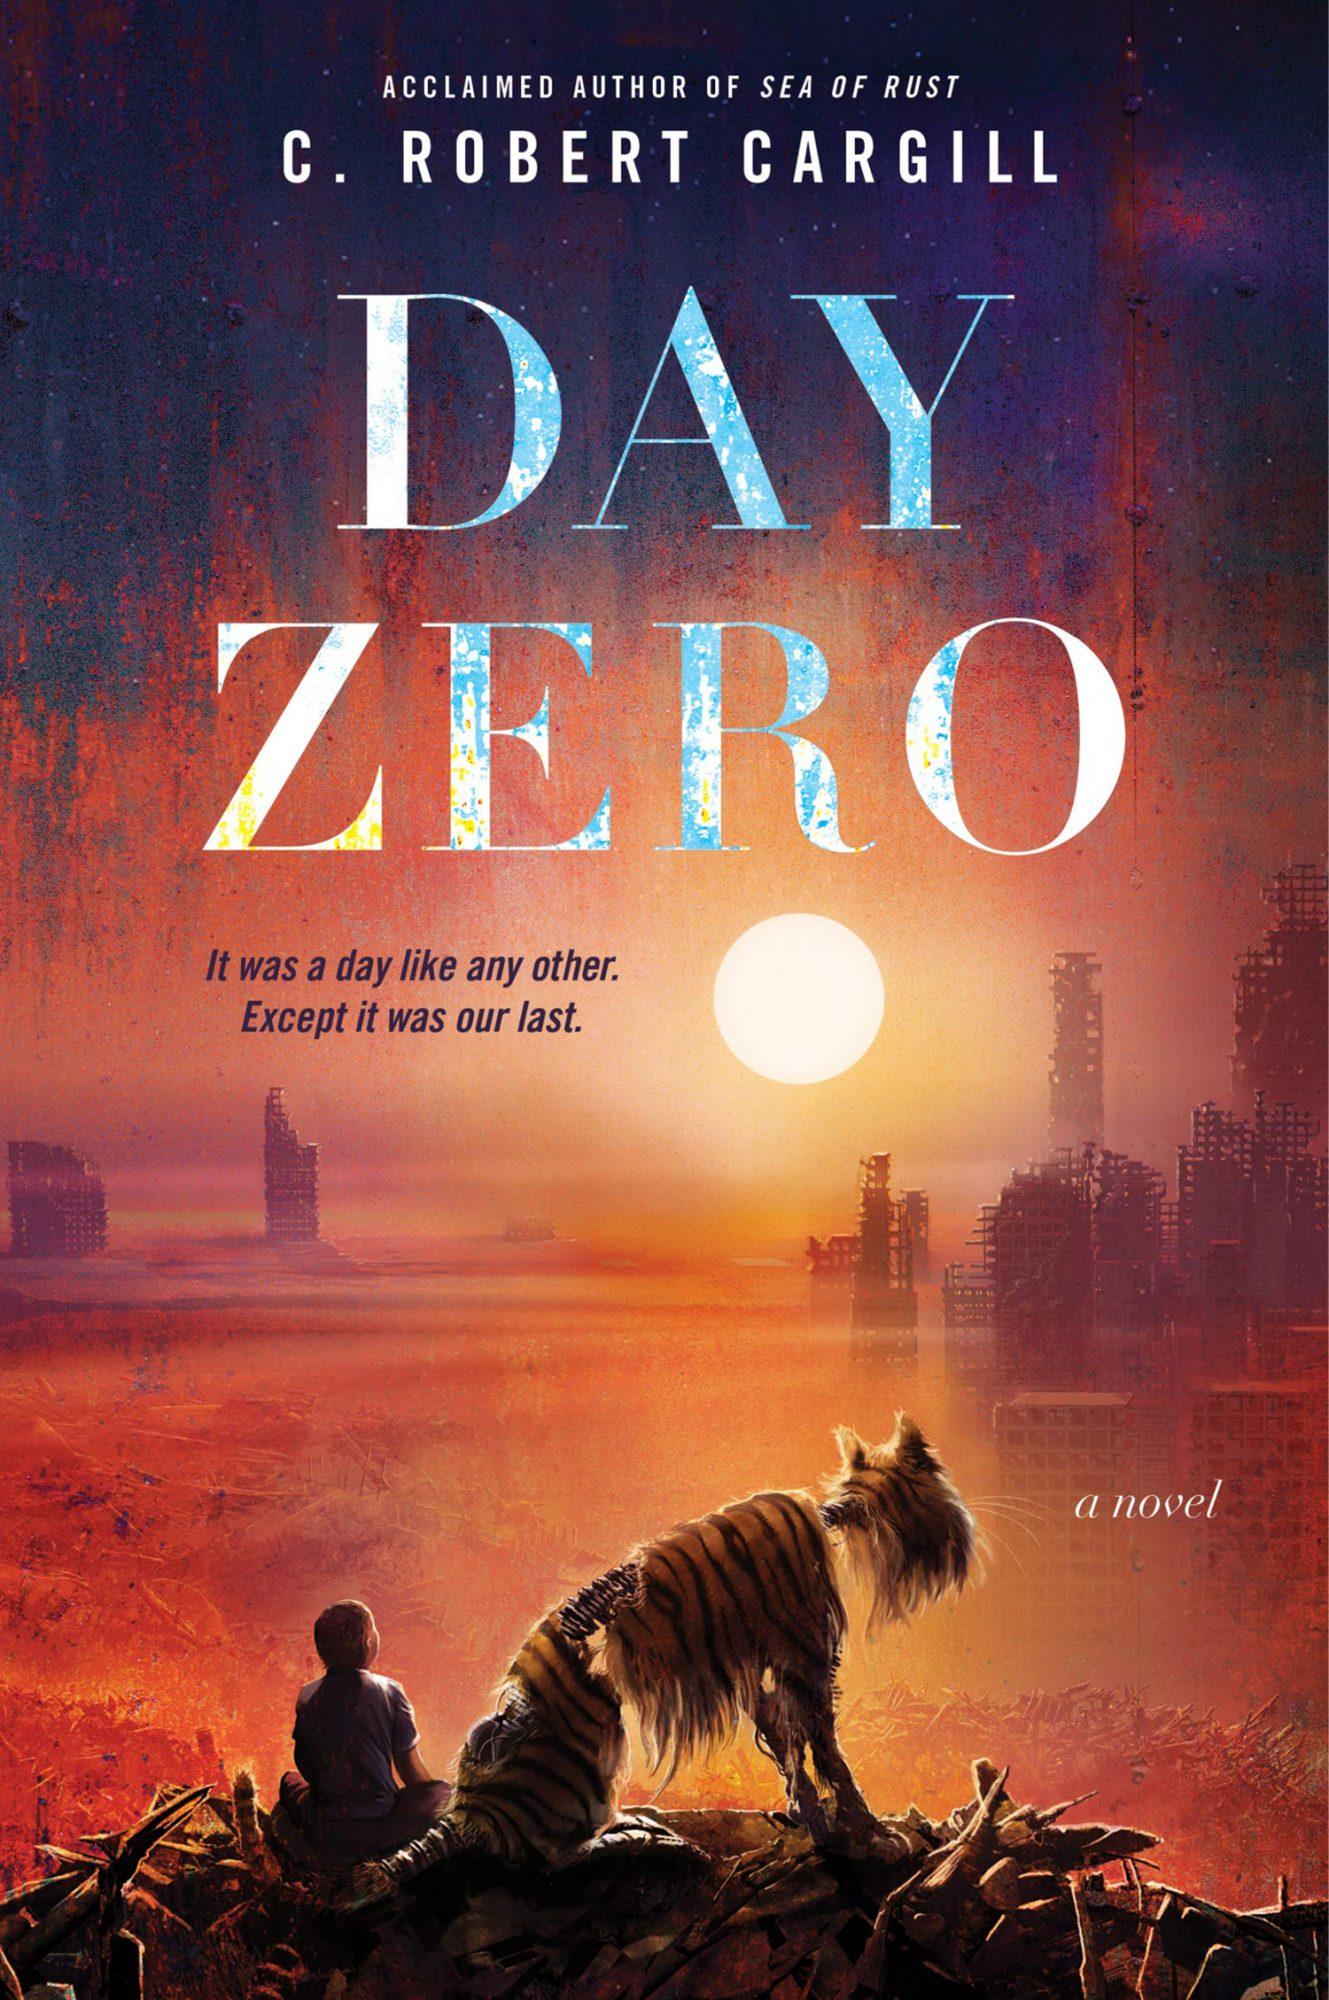 Day Zero by C. Robert Cargill